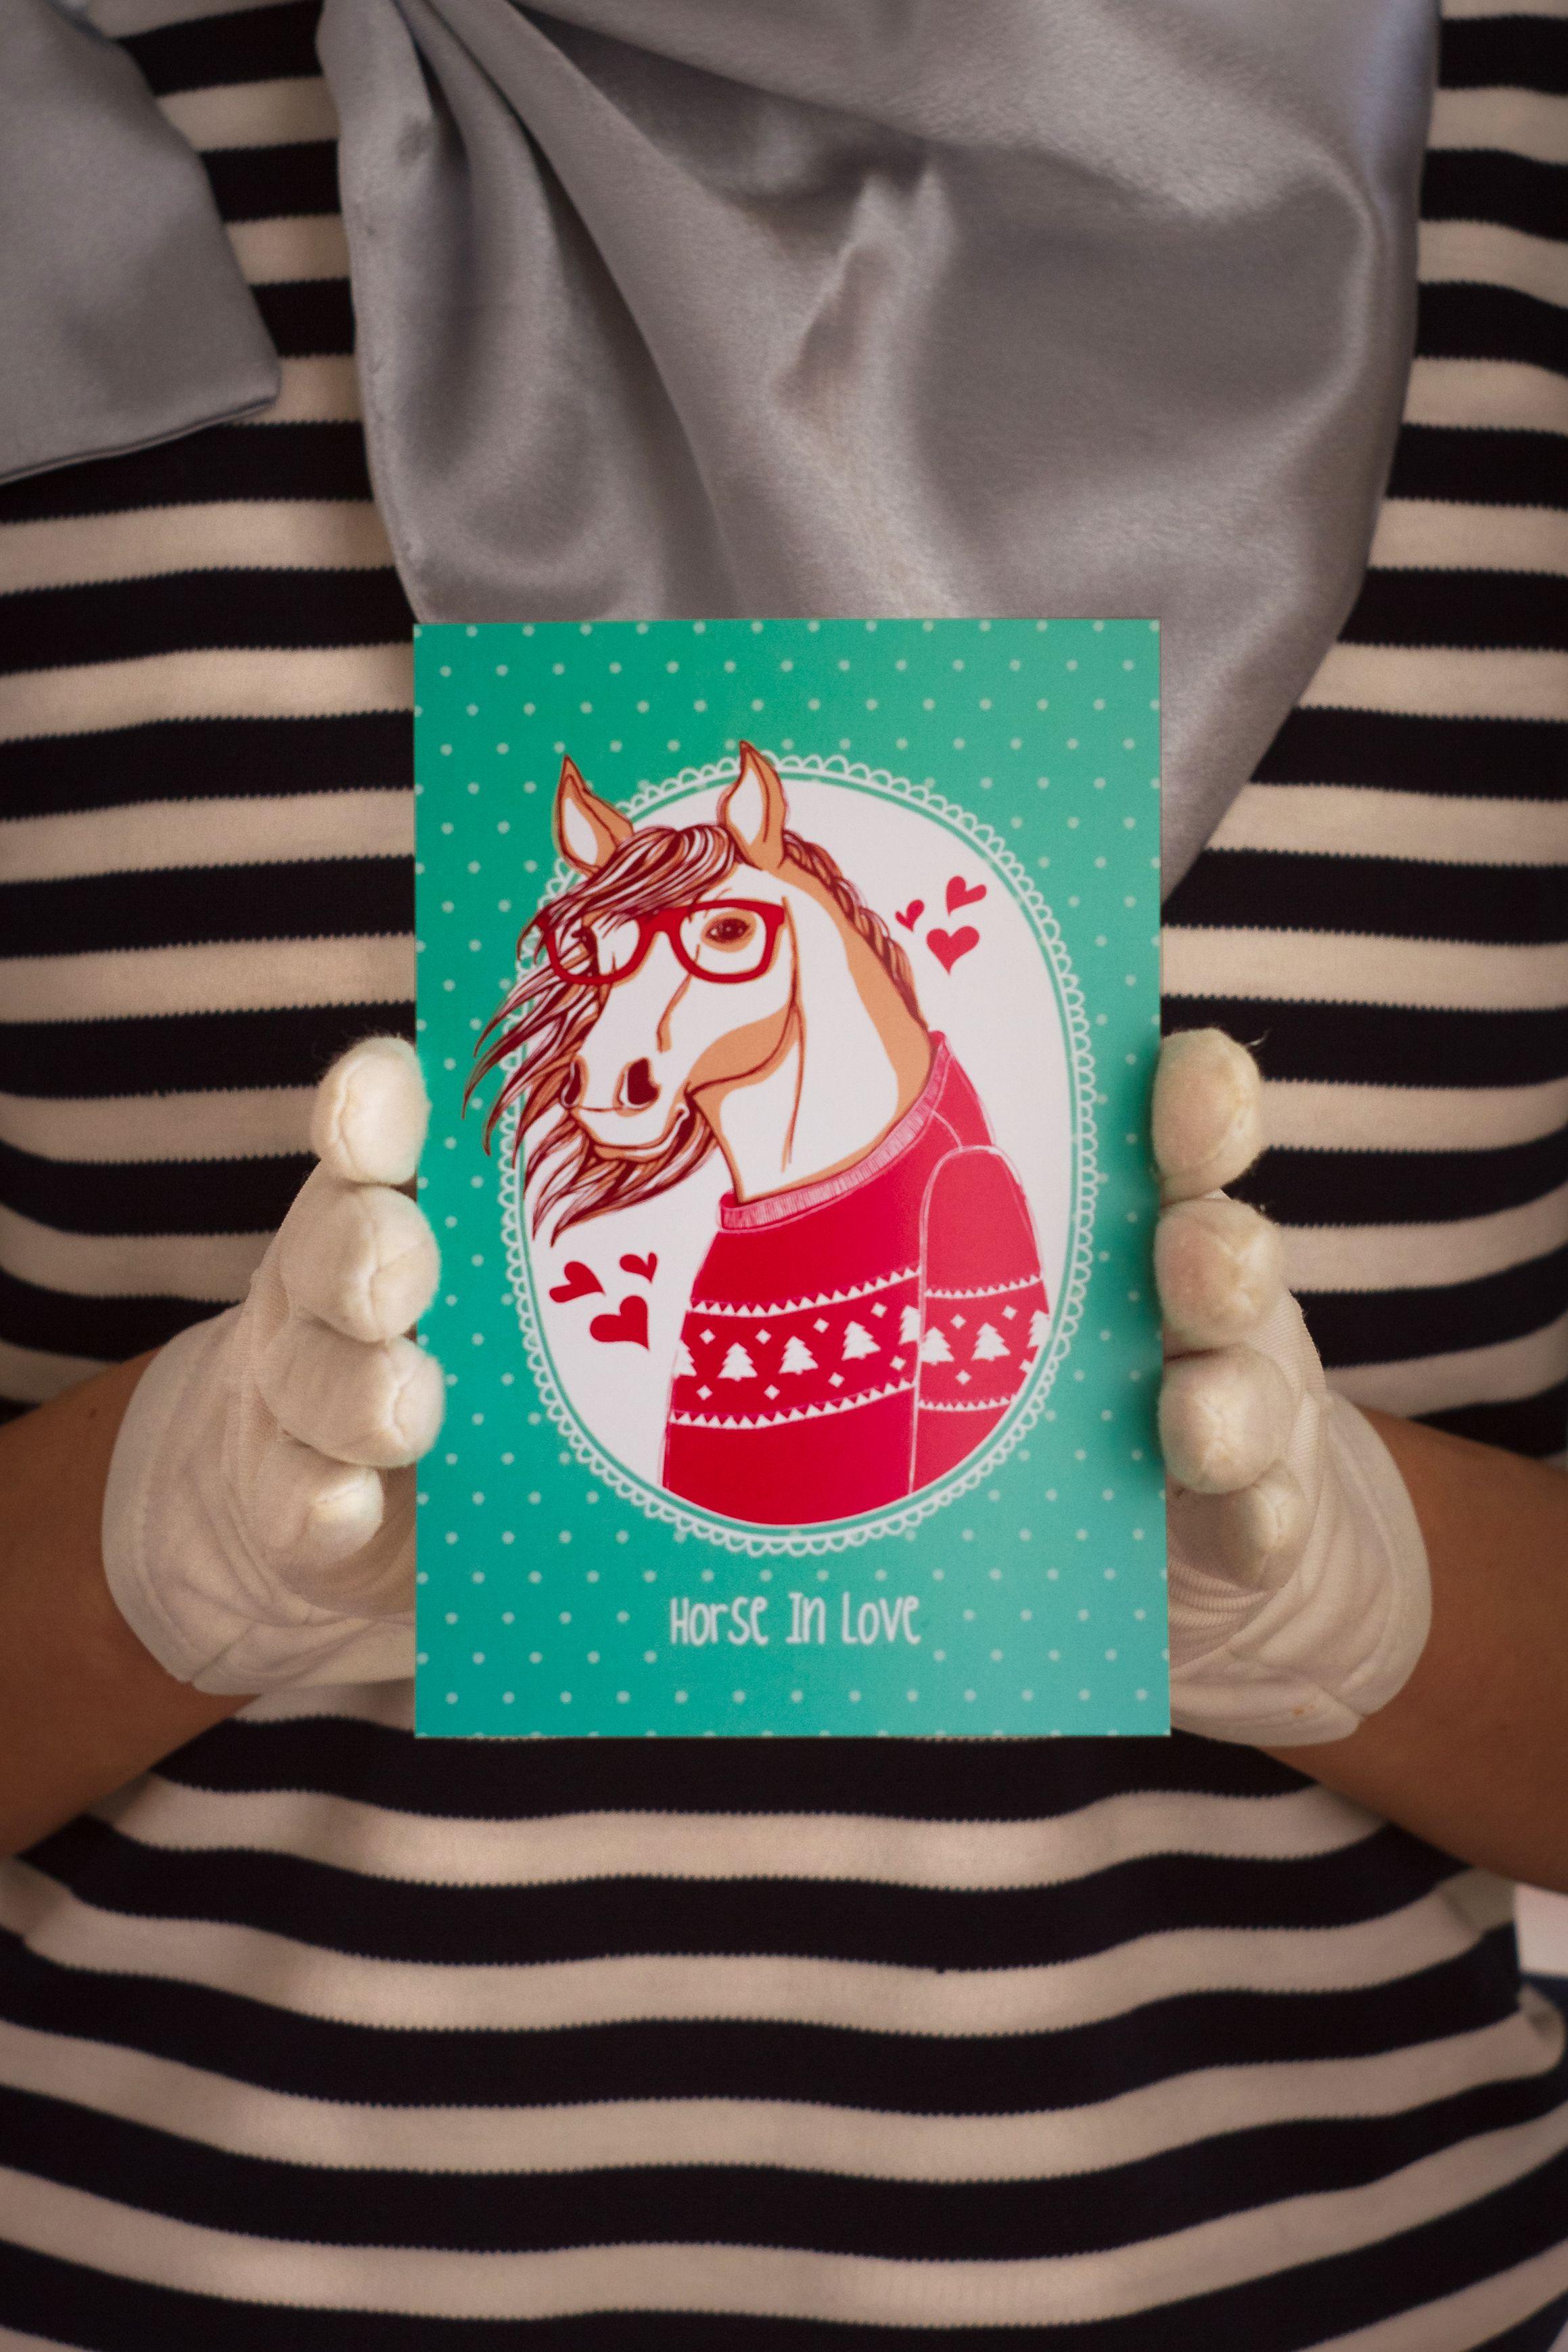 horseinlove подарок любовь знаквнимания сюрприз лошадь открытка романтика